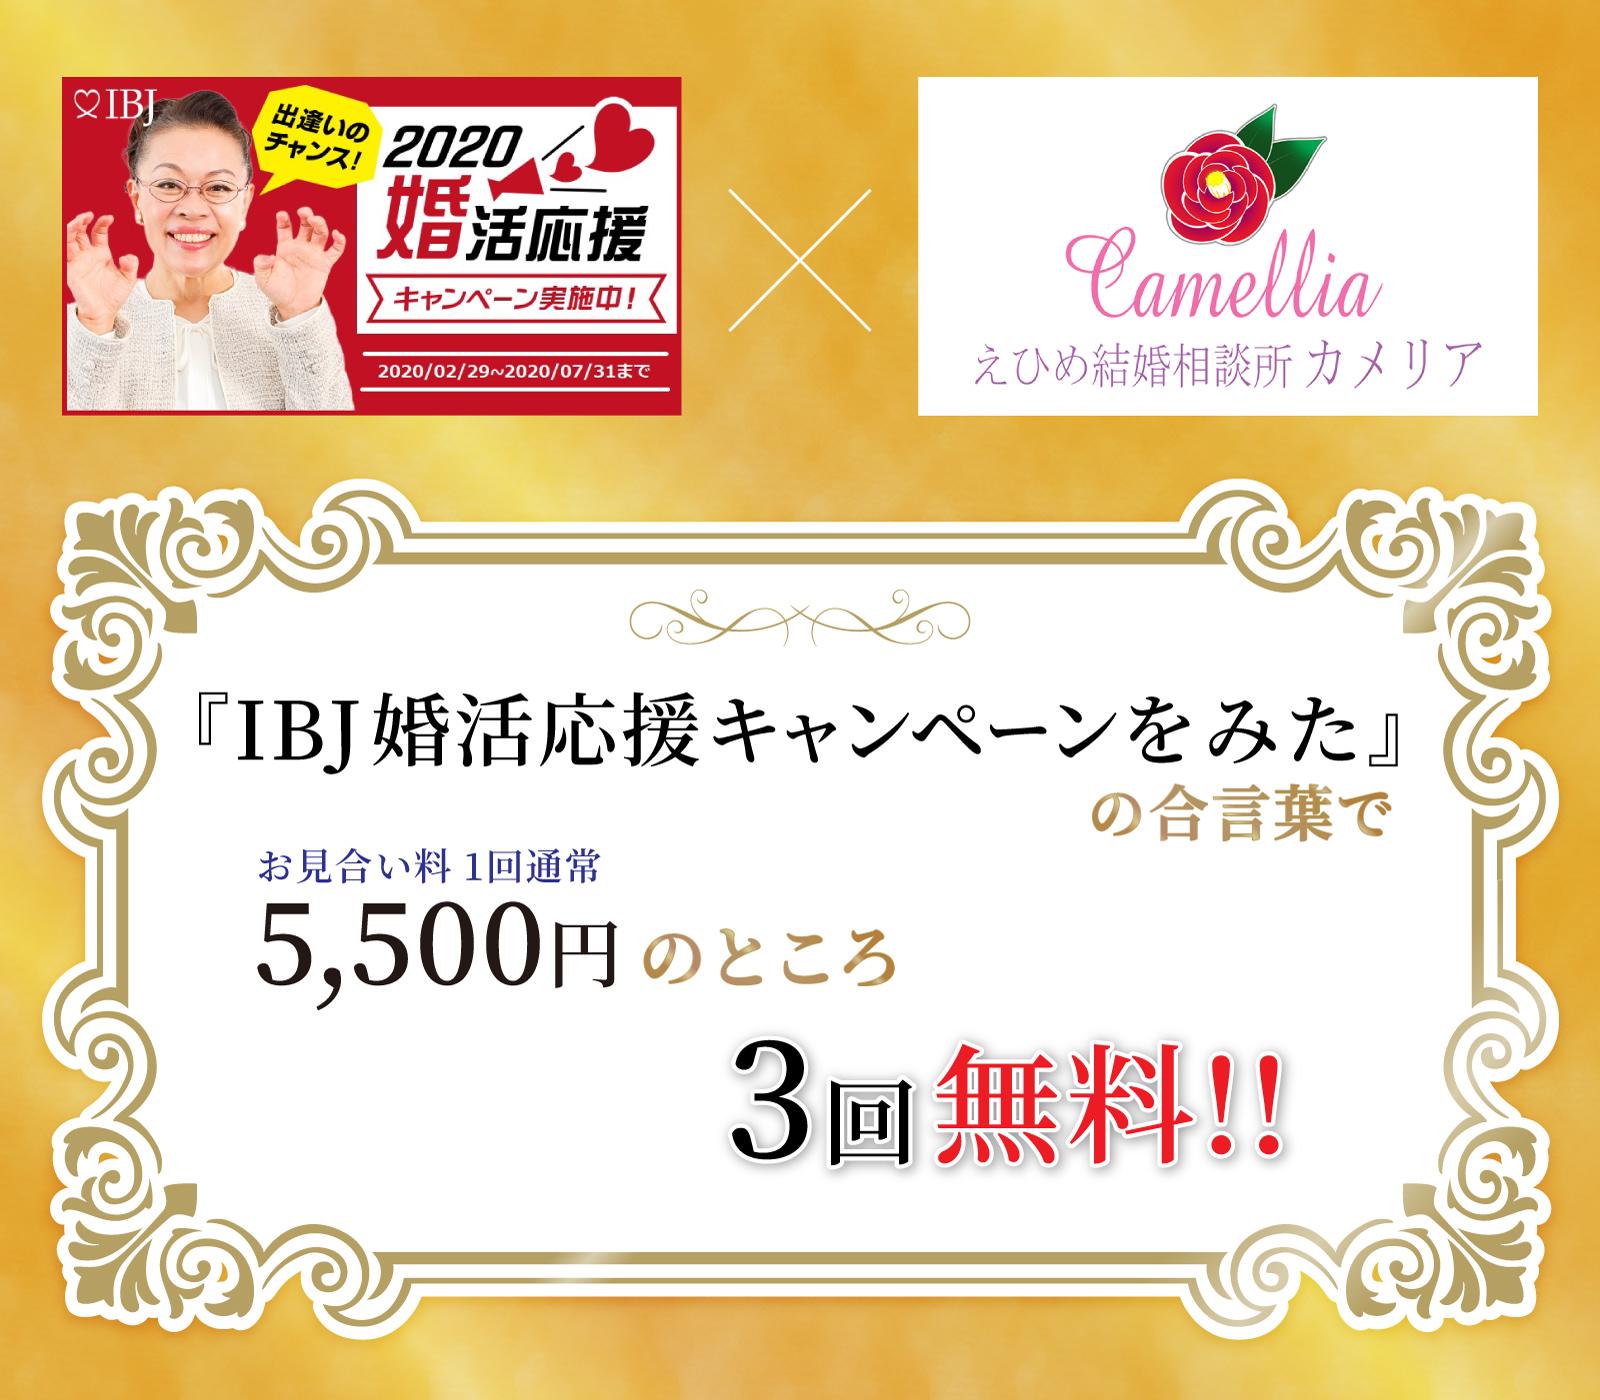 アンバサダーに柴田理恵さんが就任!2020年7月31日まで。カメリアの『IBJ婚活応援キャンペーン』は、お見合い料金通常1回5,500円のところ、3回無料に!!